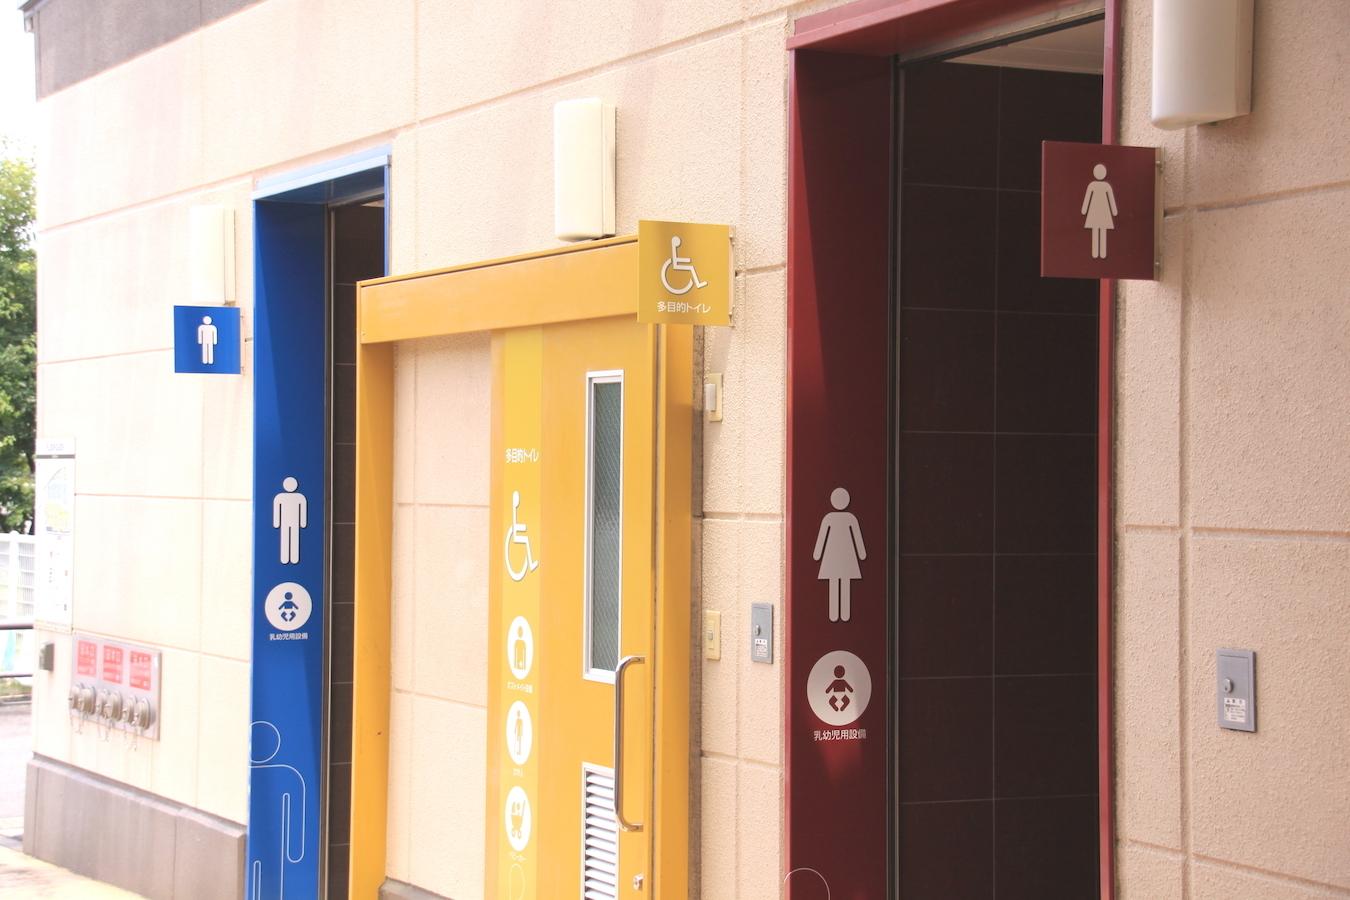 快適にトイレを利用する工夫の事例